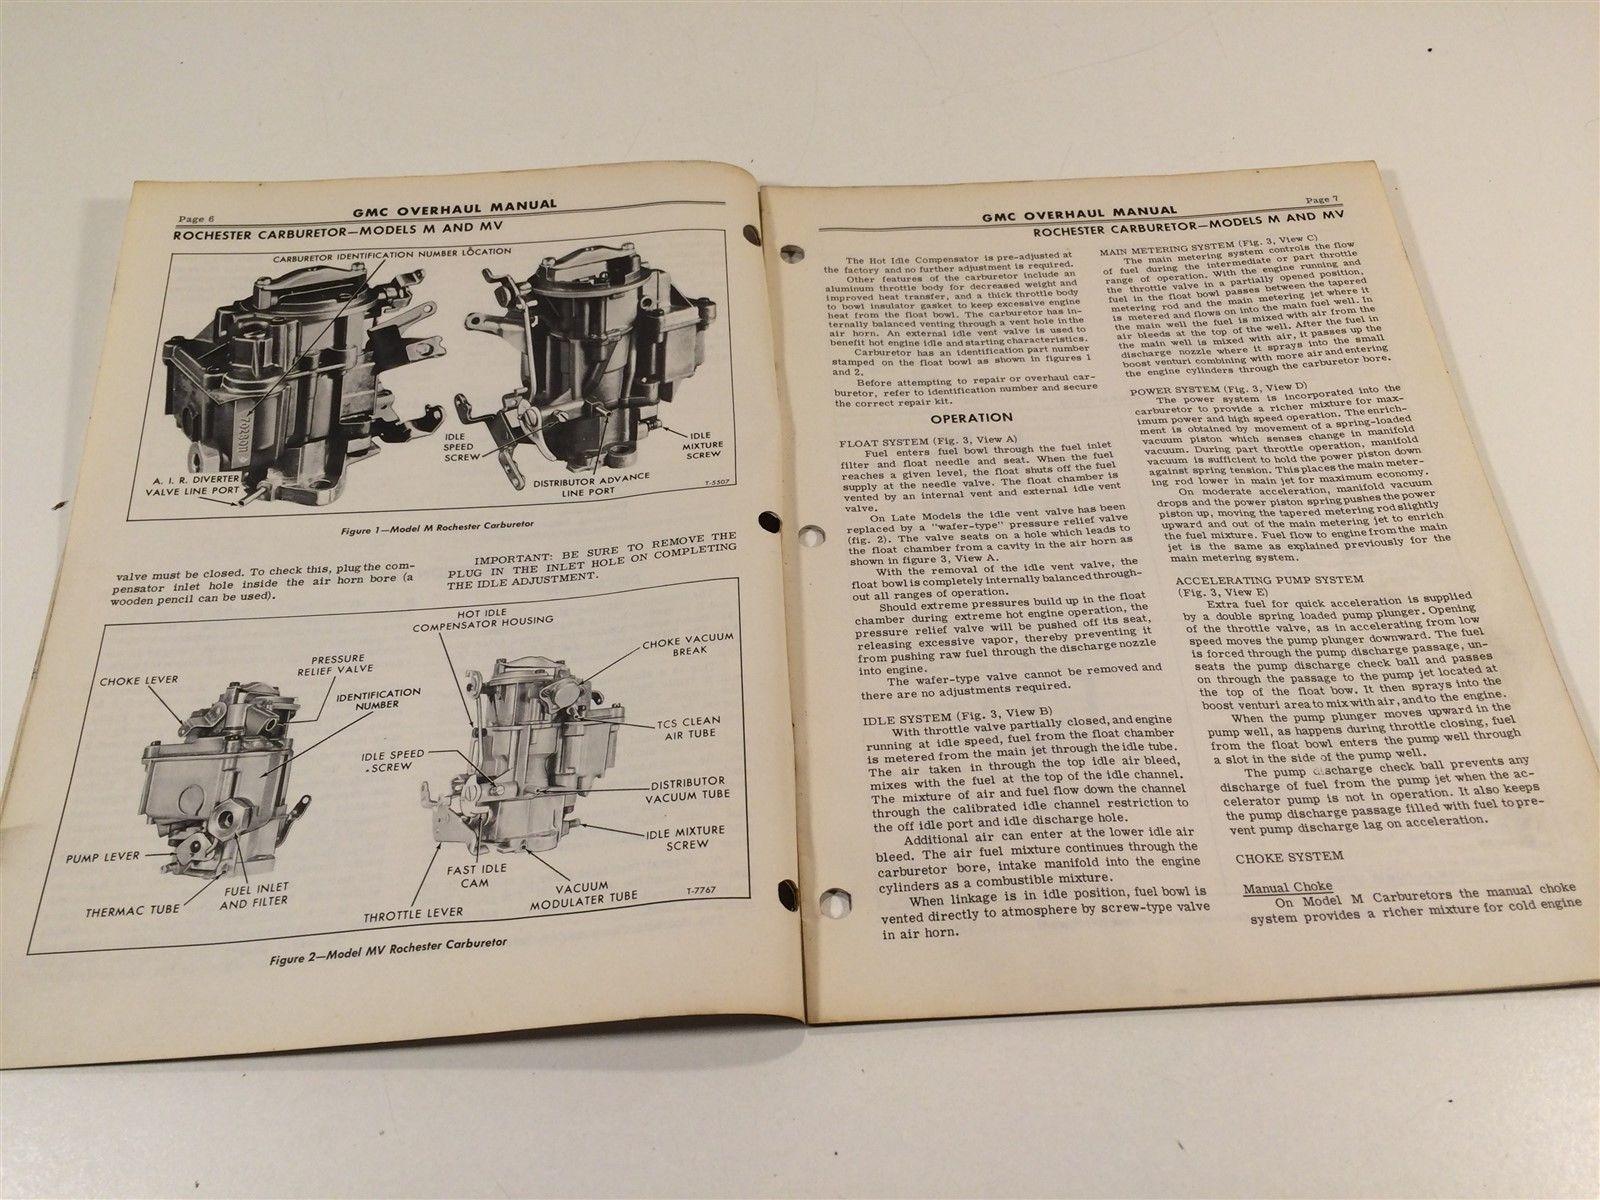 1970 GMC Truck Unit Overhaul Manual X-6M-04 Carburetors Rochester Models MV 4MV